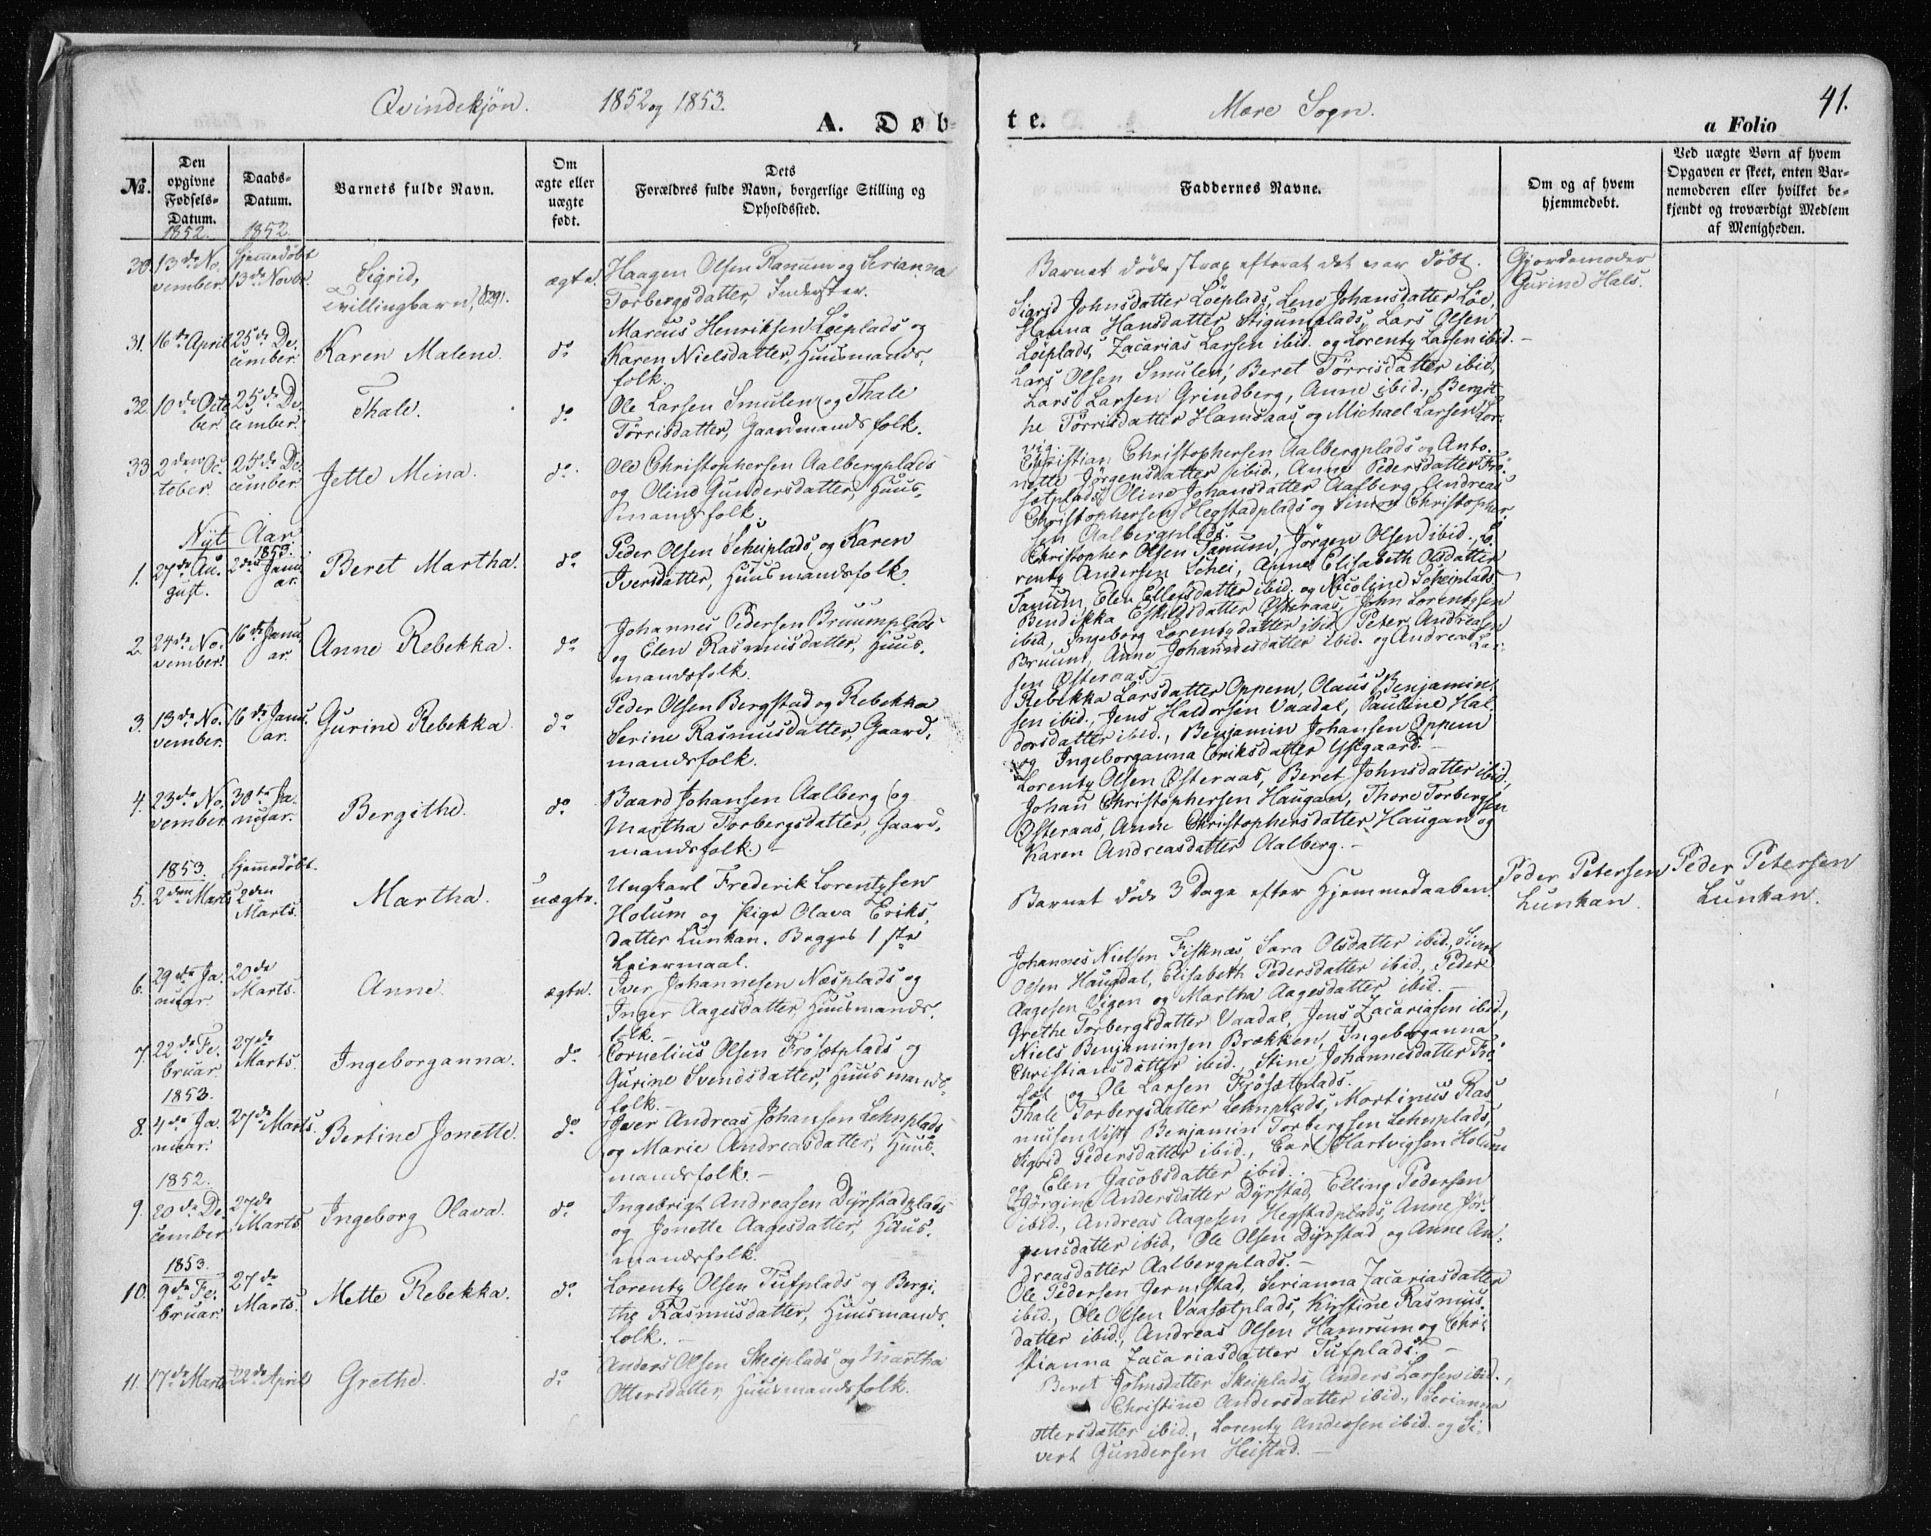 SAT, Ministerialprotokoller, klokkerbøker og fødselsregistre - Nord-Trøndelag, 735/L0342: Ministerialbok nr. 735A07 /1, 1849-1862, s. 41